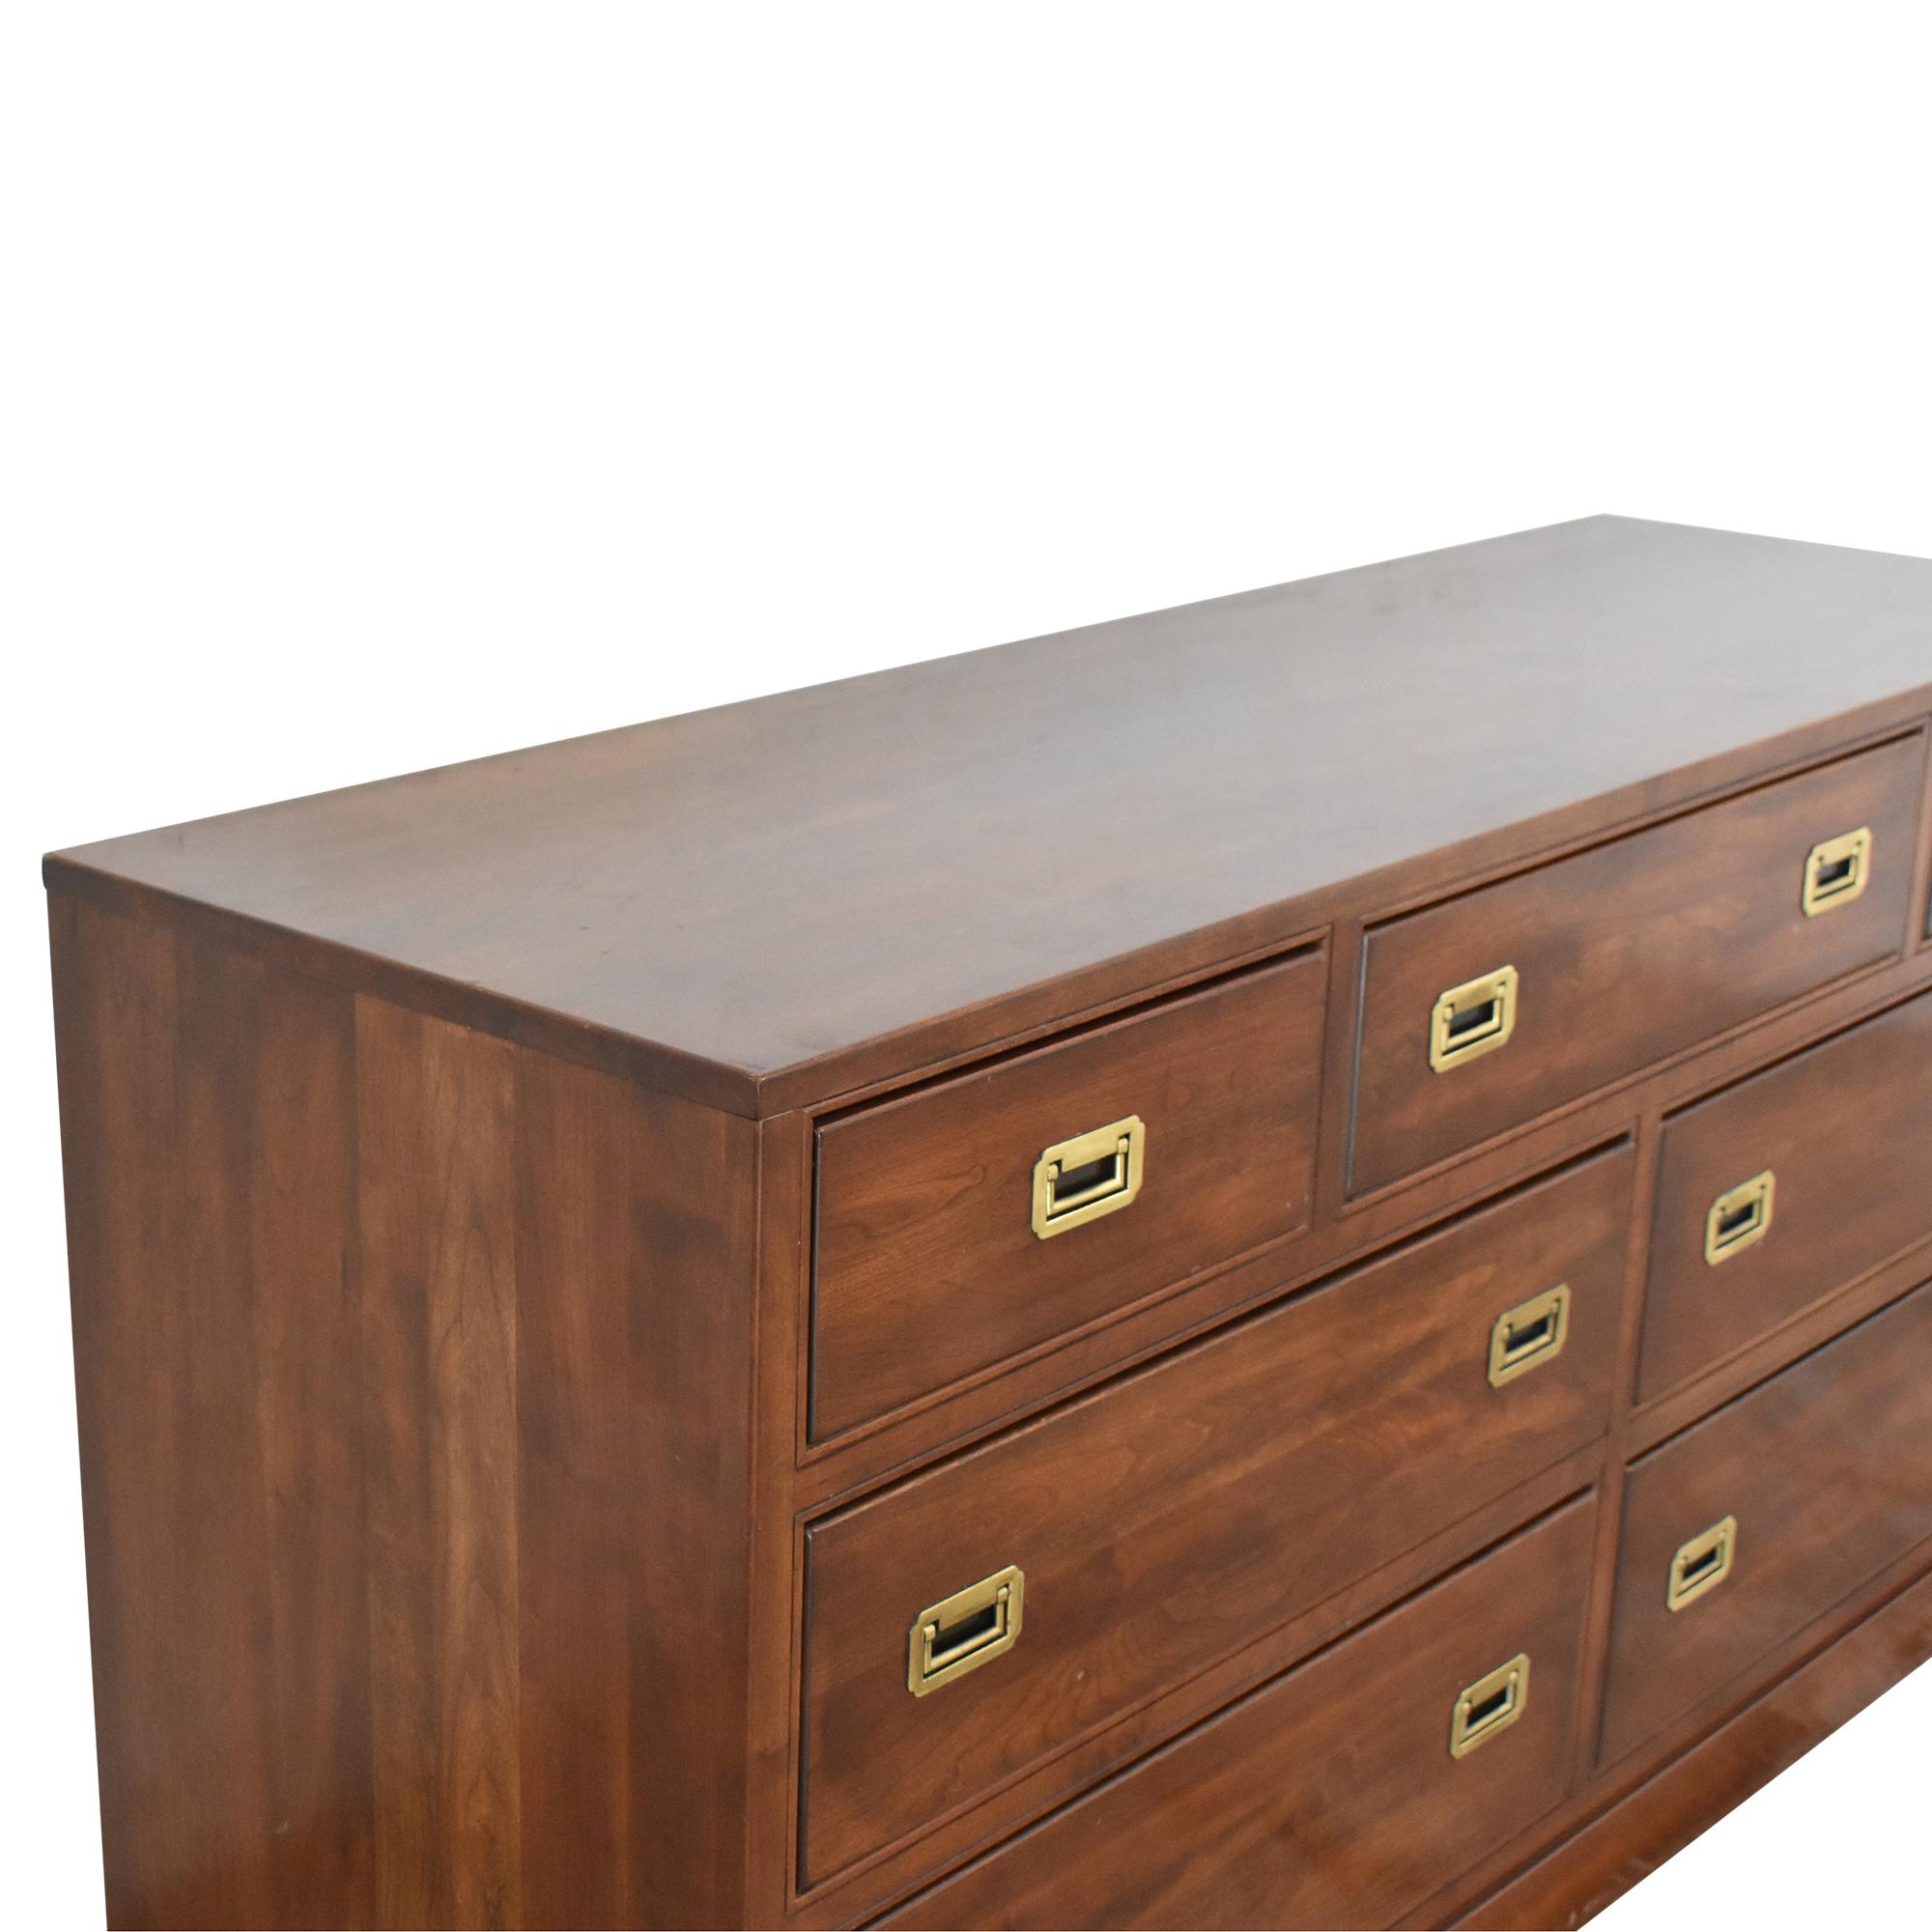 Ethan Allen Campaign-Style Dresser / Storage